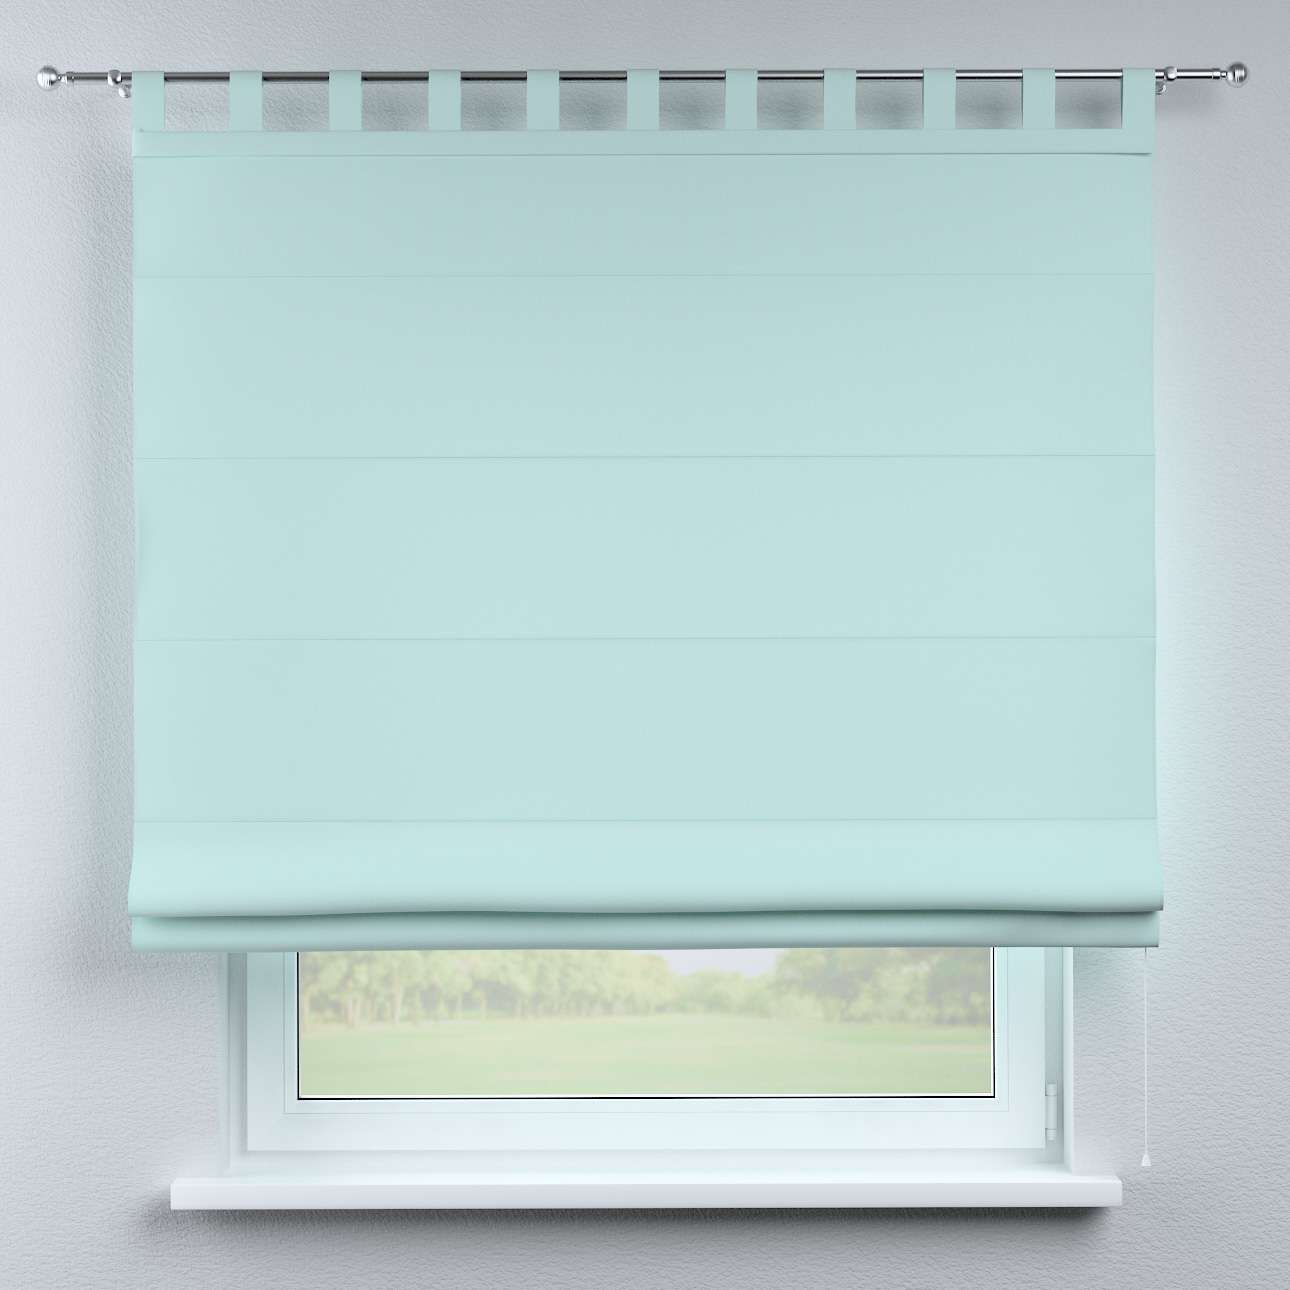 Foldegardin Verona<br/>Med stropper til gardinstang 80 x 170 cm fra kollektionen Cotton Panama, Stof: 702-10